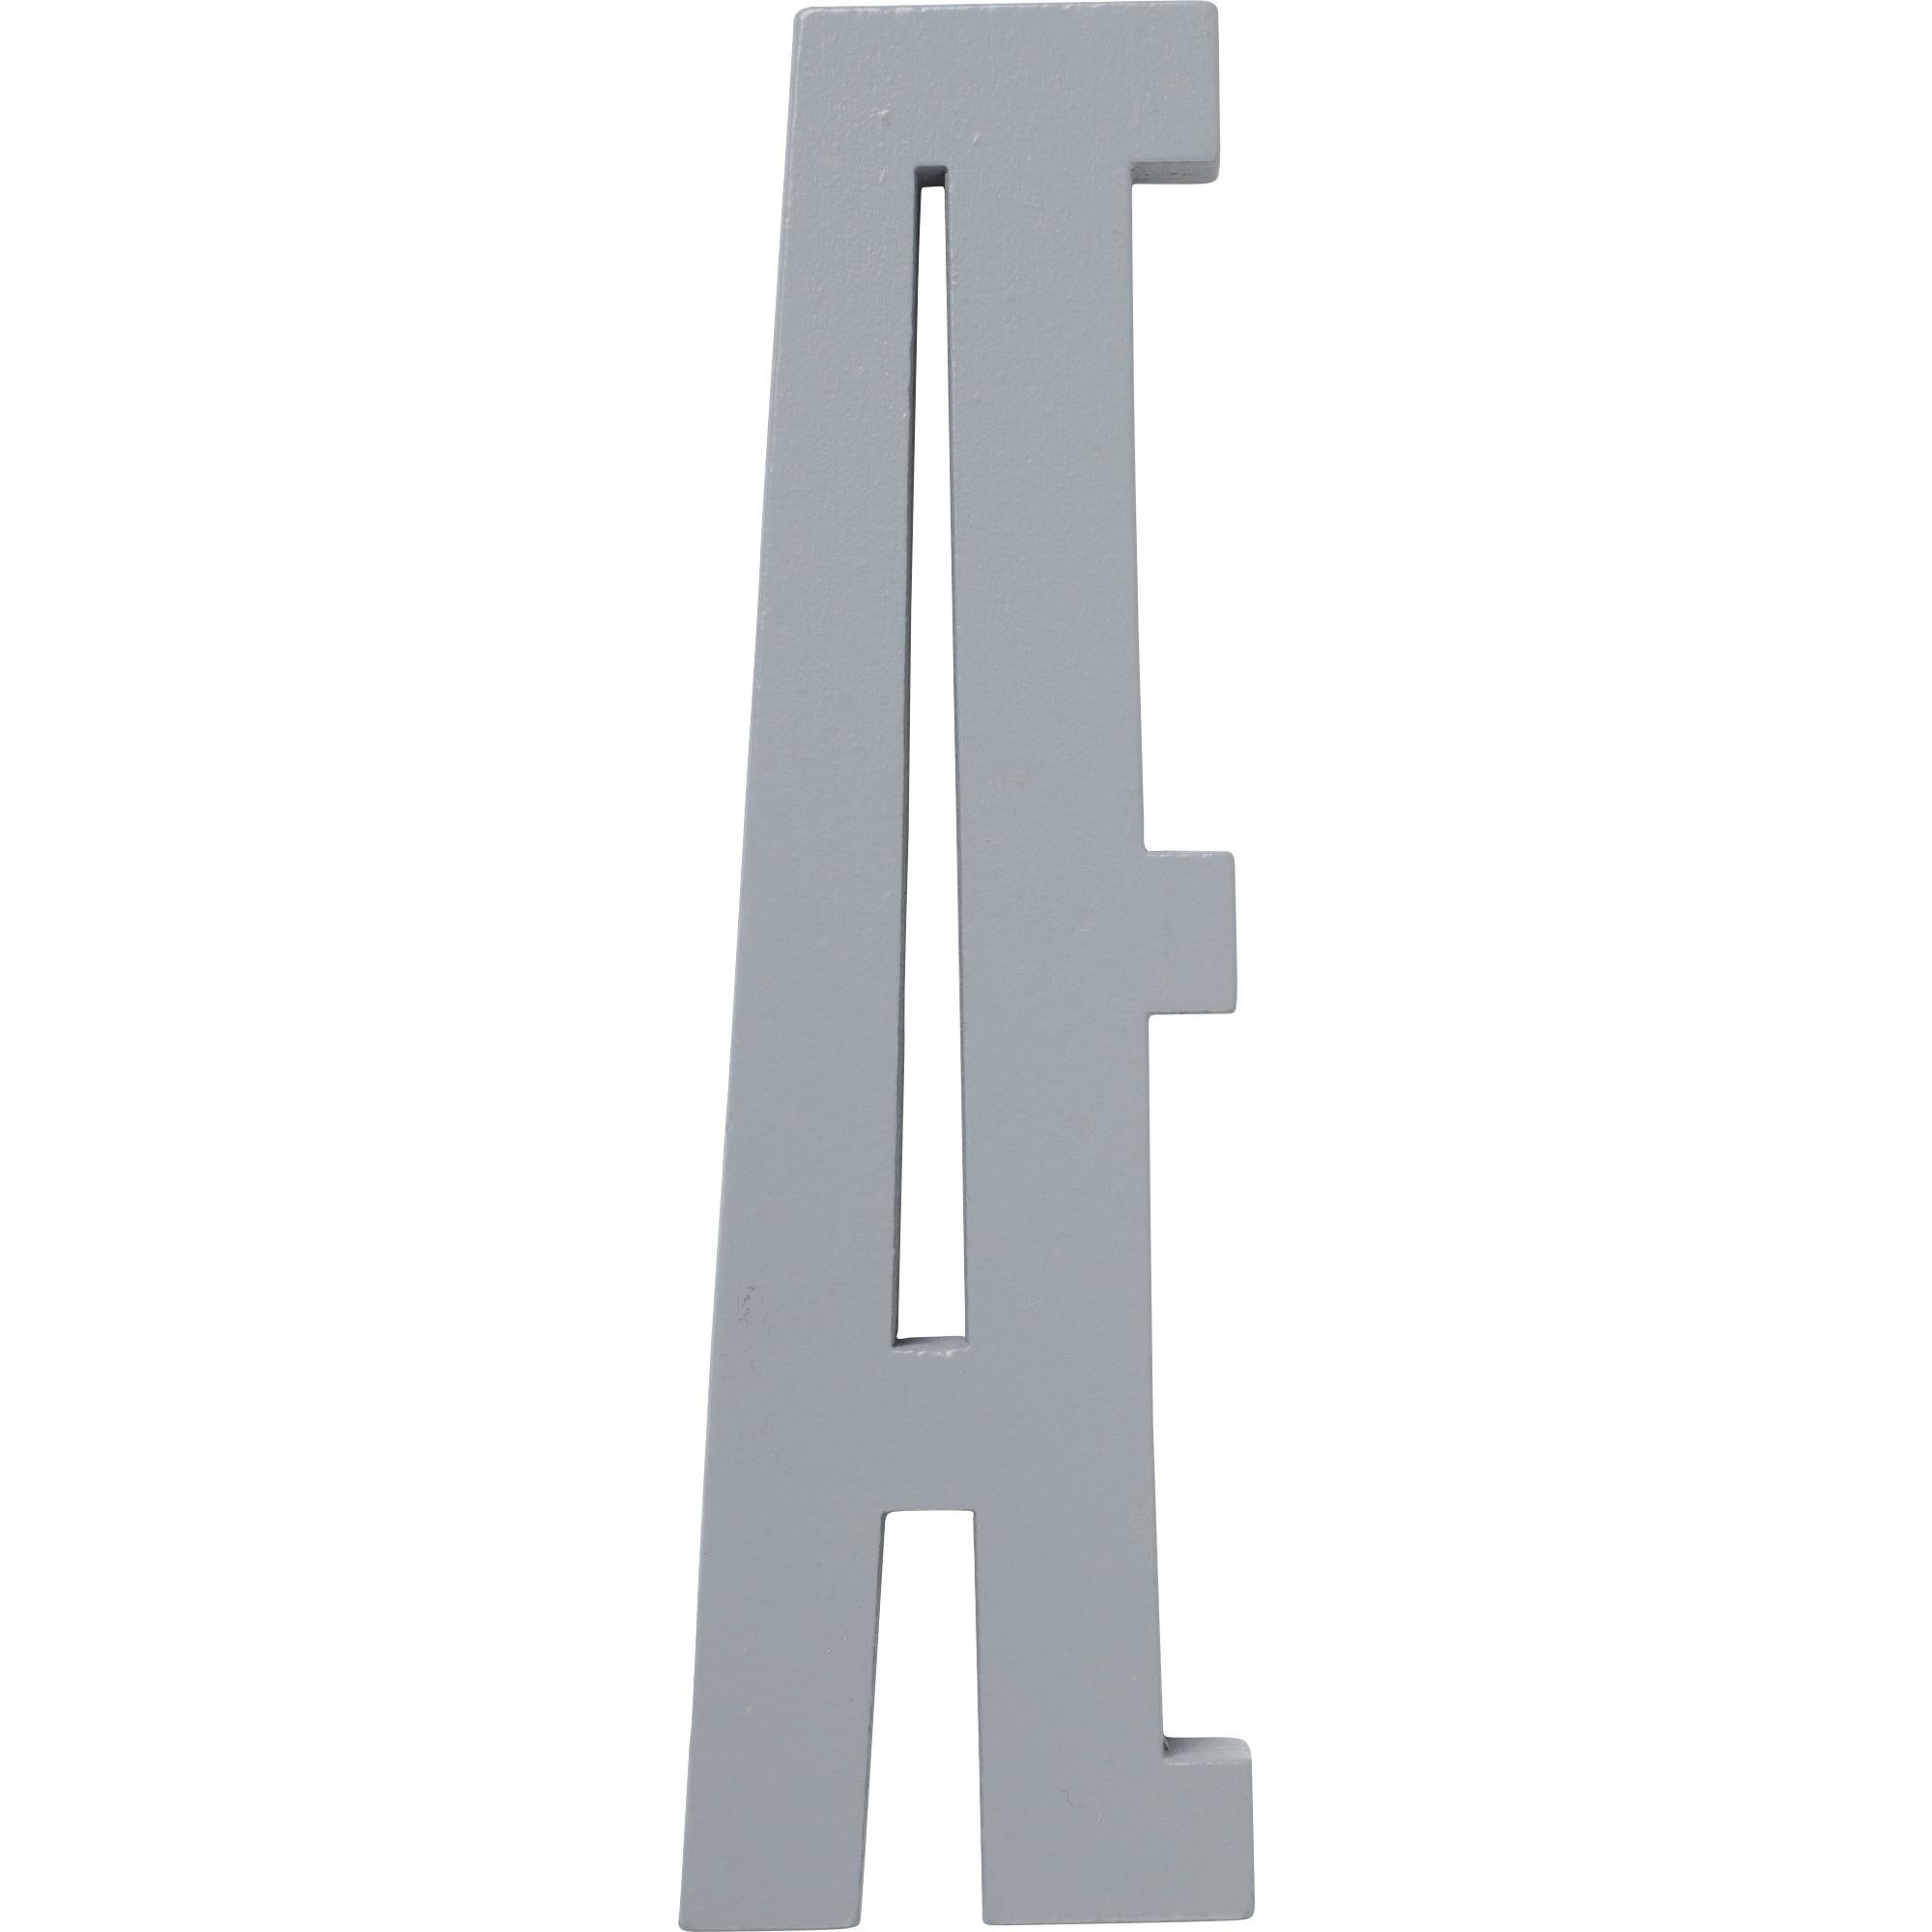 Design Letters Grå Bokstav i Trä Æ